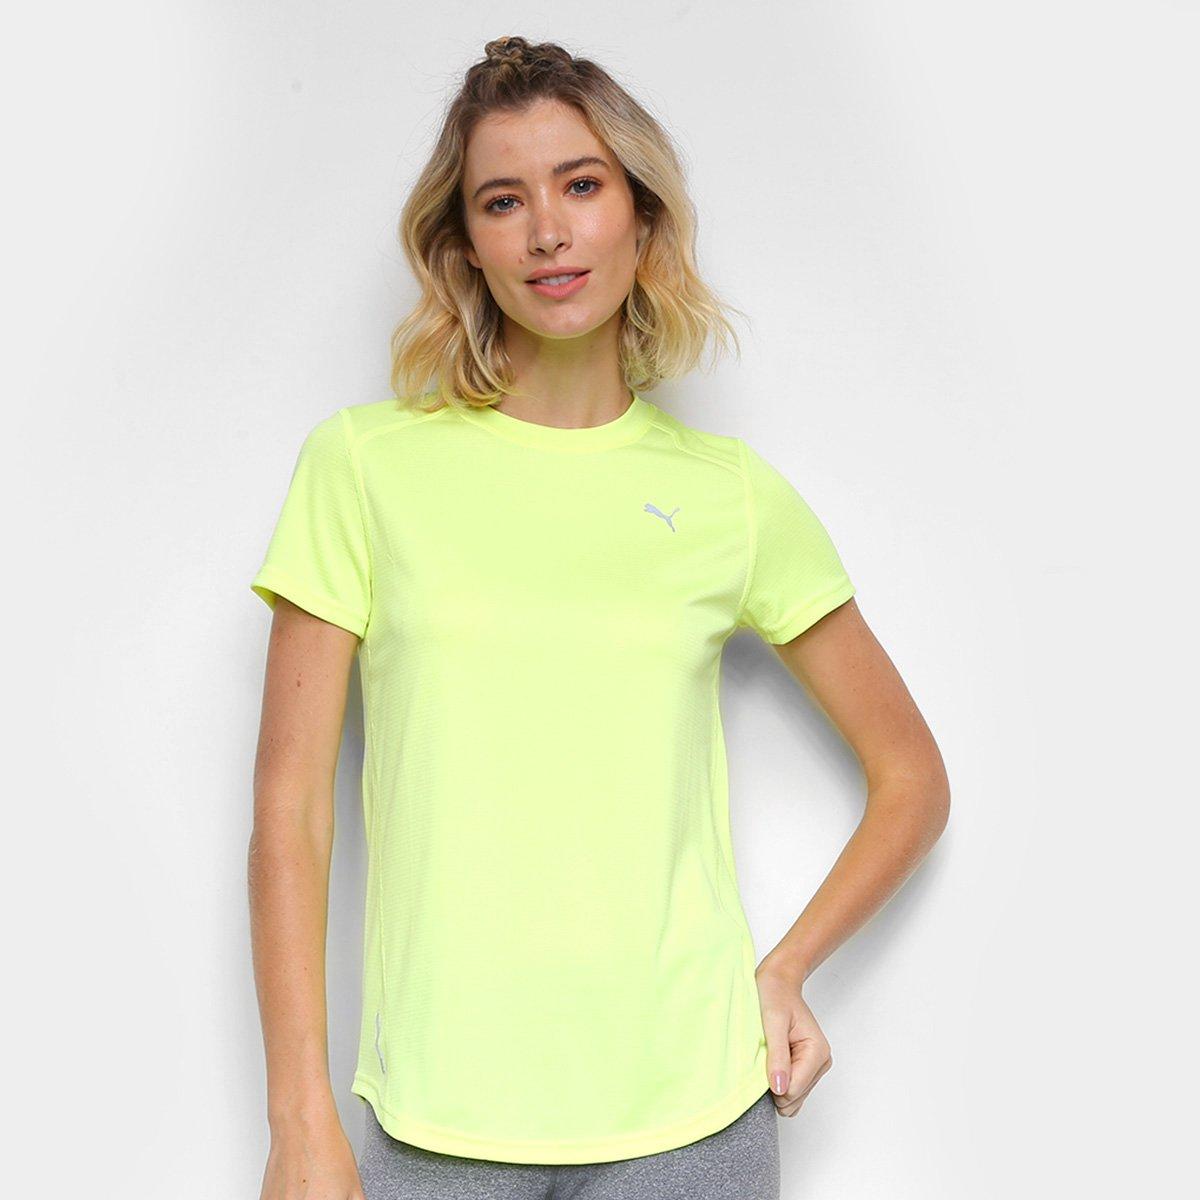 Camiseta Puma Ignite Neon Feminina